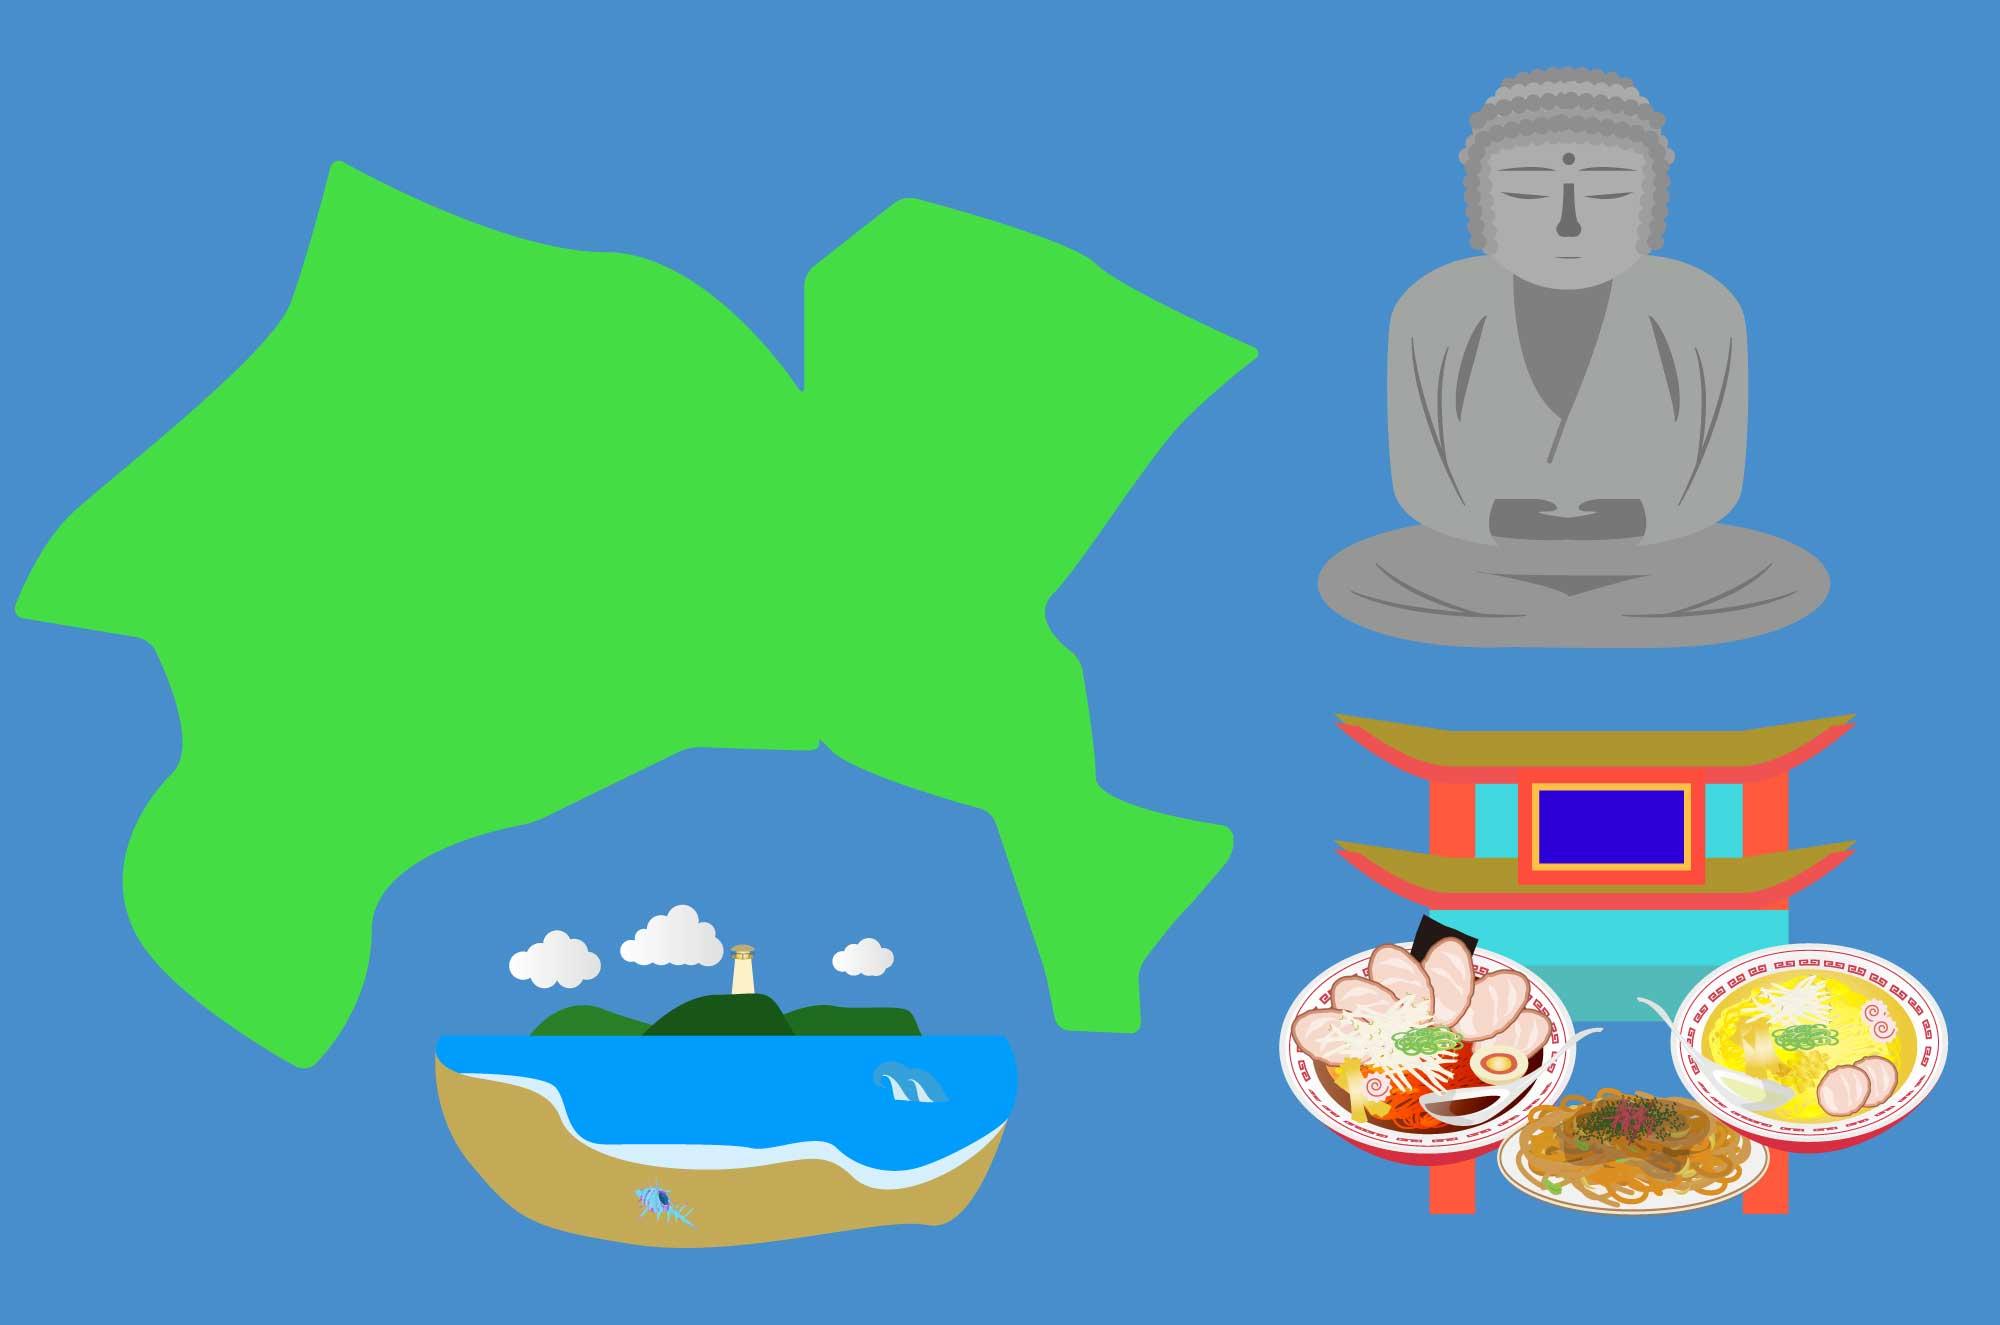 神奈川のイラスト - 大仏や中華街、江ノ島の無料素材